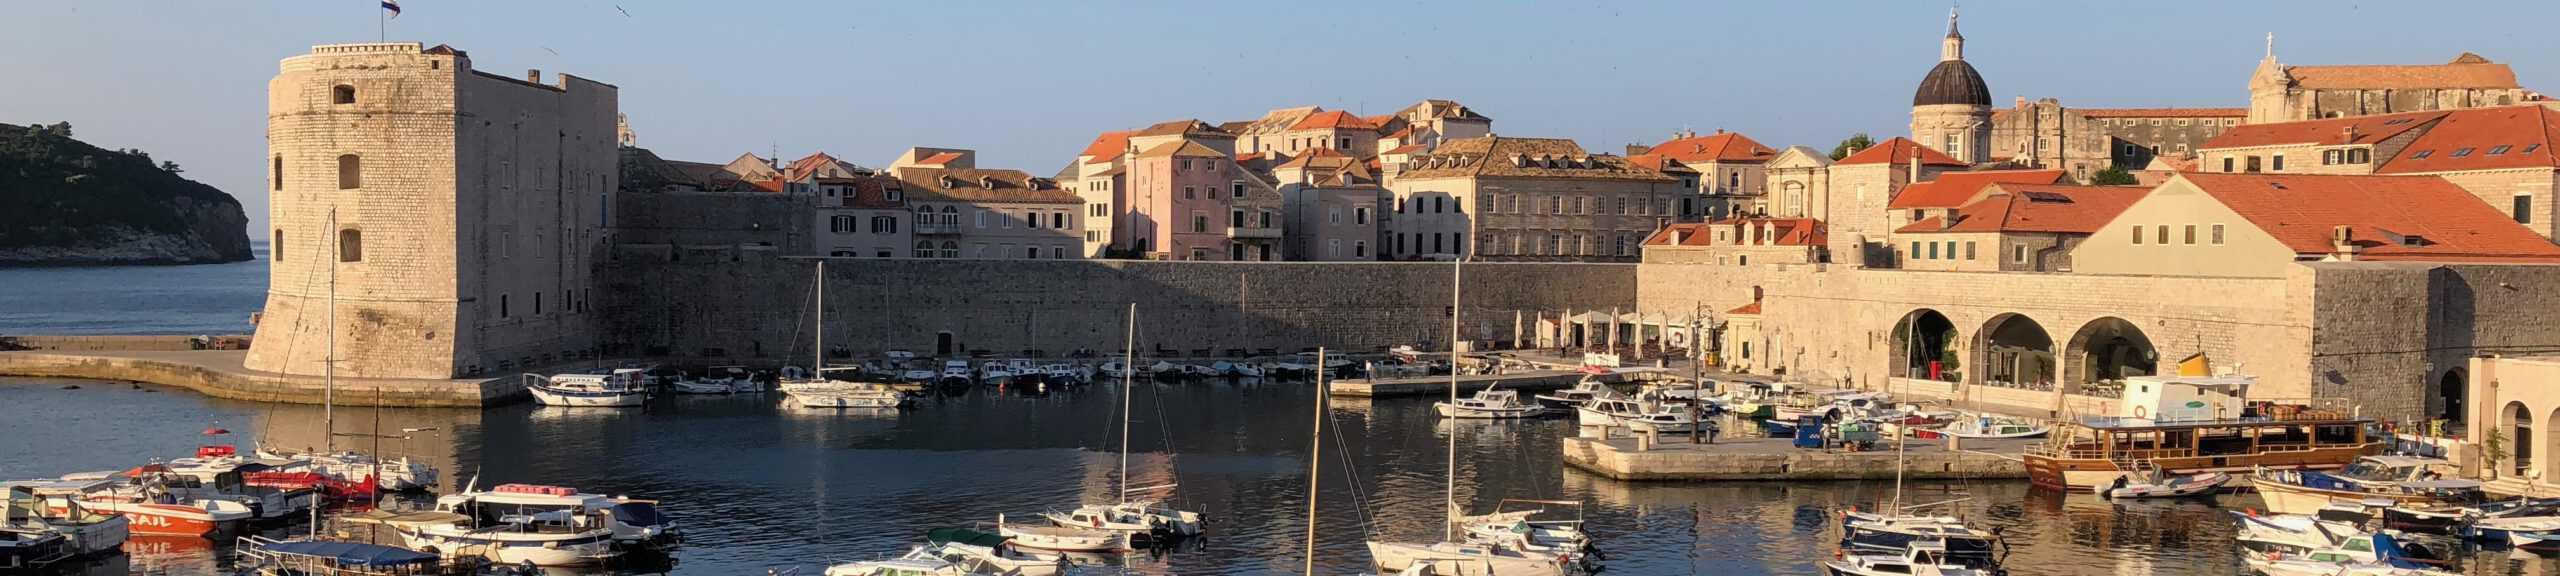 Nederlandse rondleiding in Dubrovnik